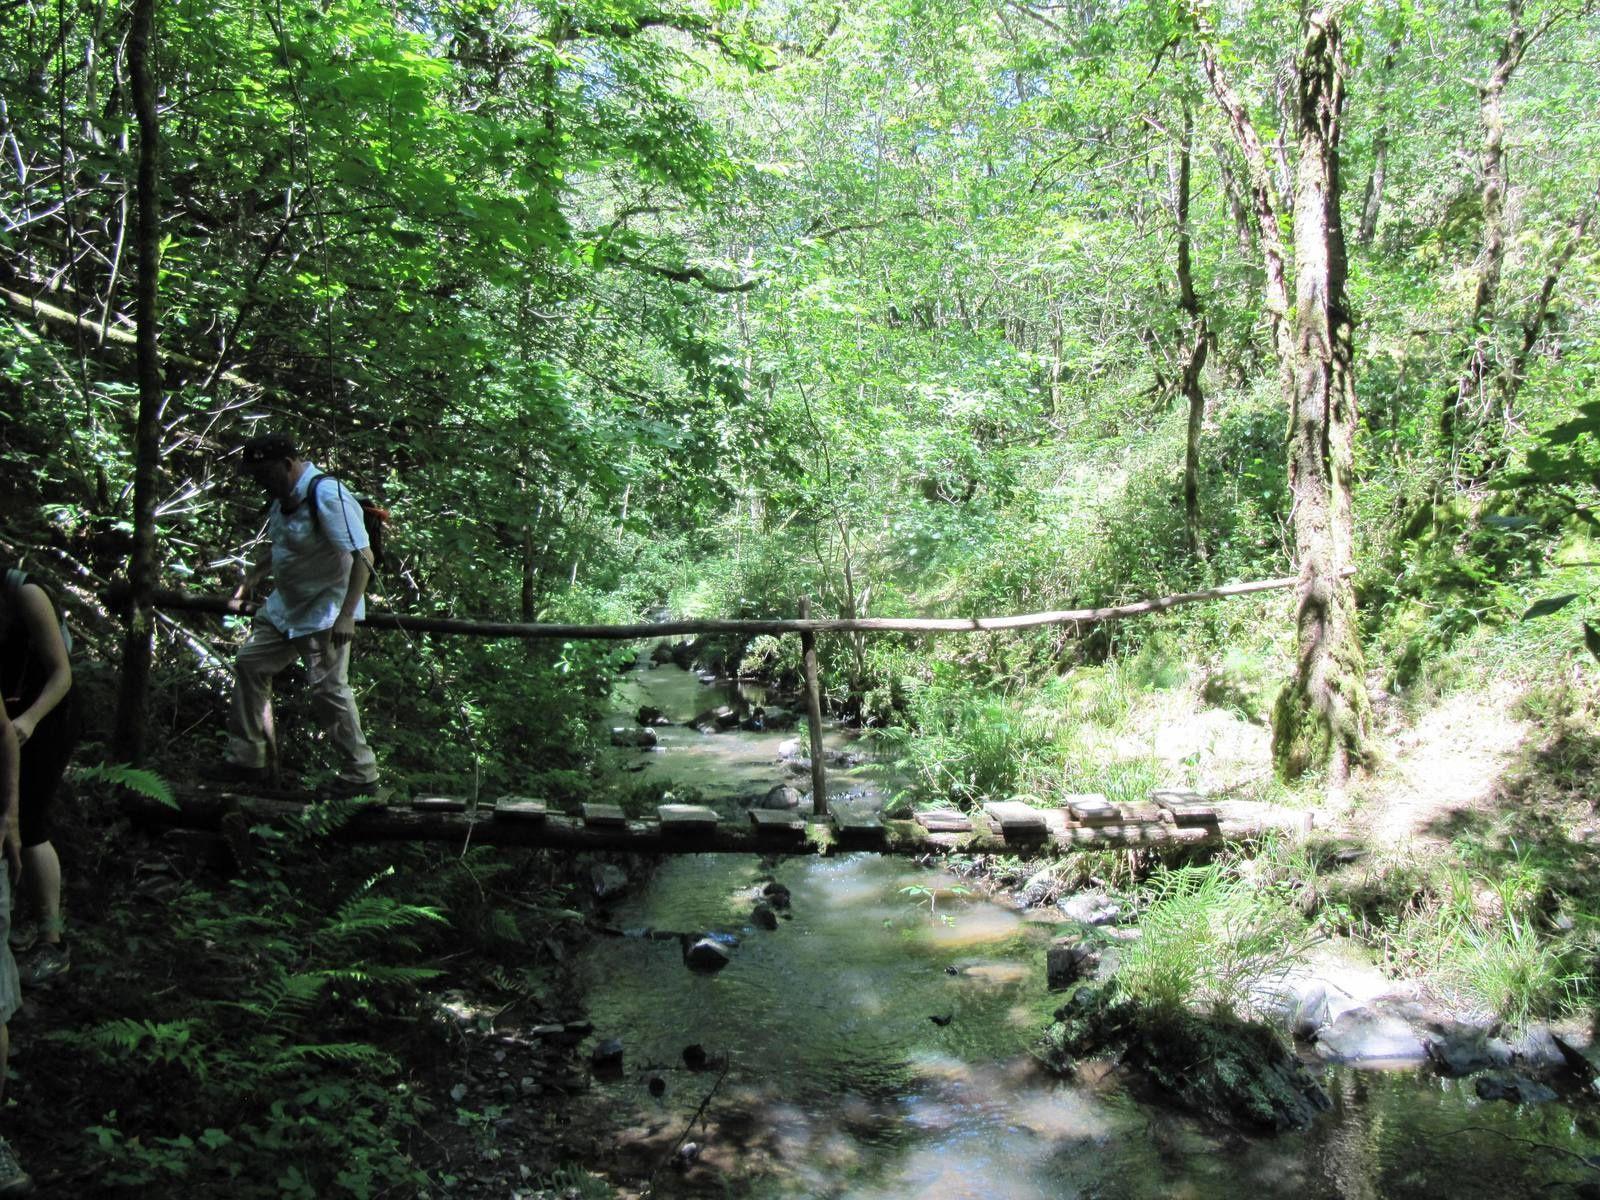 Traversée de la forêt de Montcheyrol au cœur de laquelle coule la Tourmente. Passages difficiles.